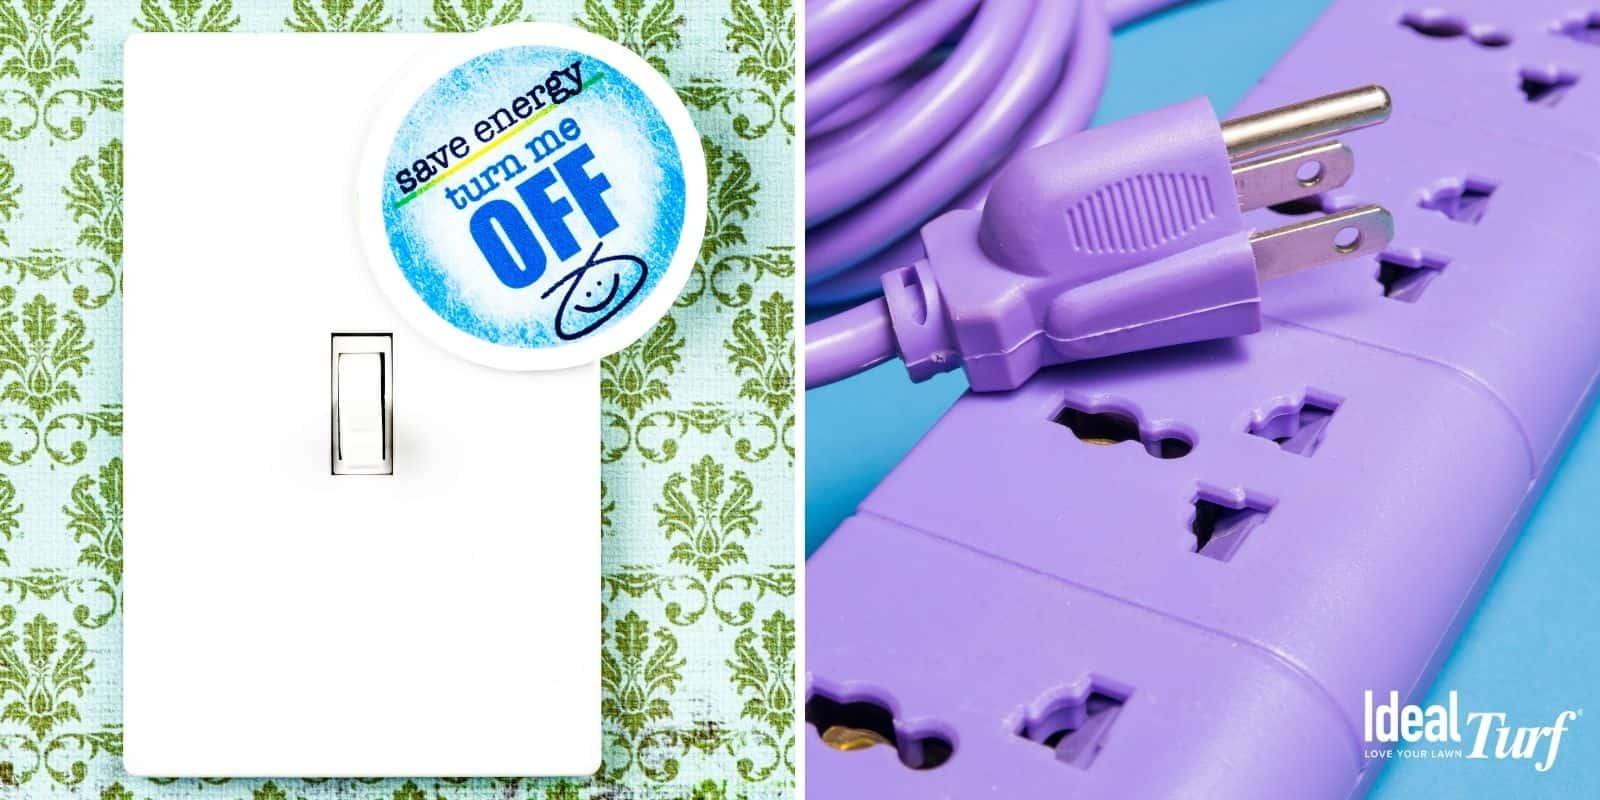 Turn Off Lights & Unplug Unused Electronics